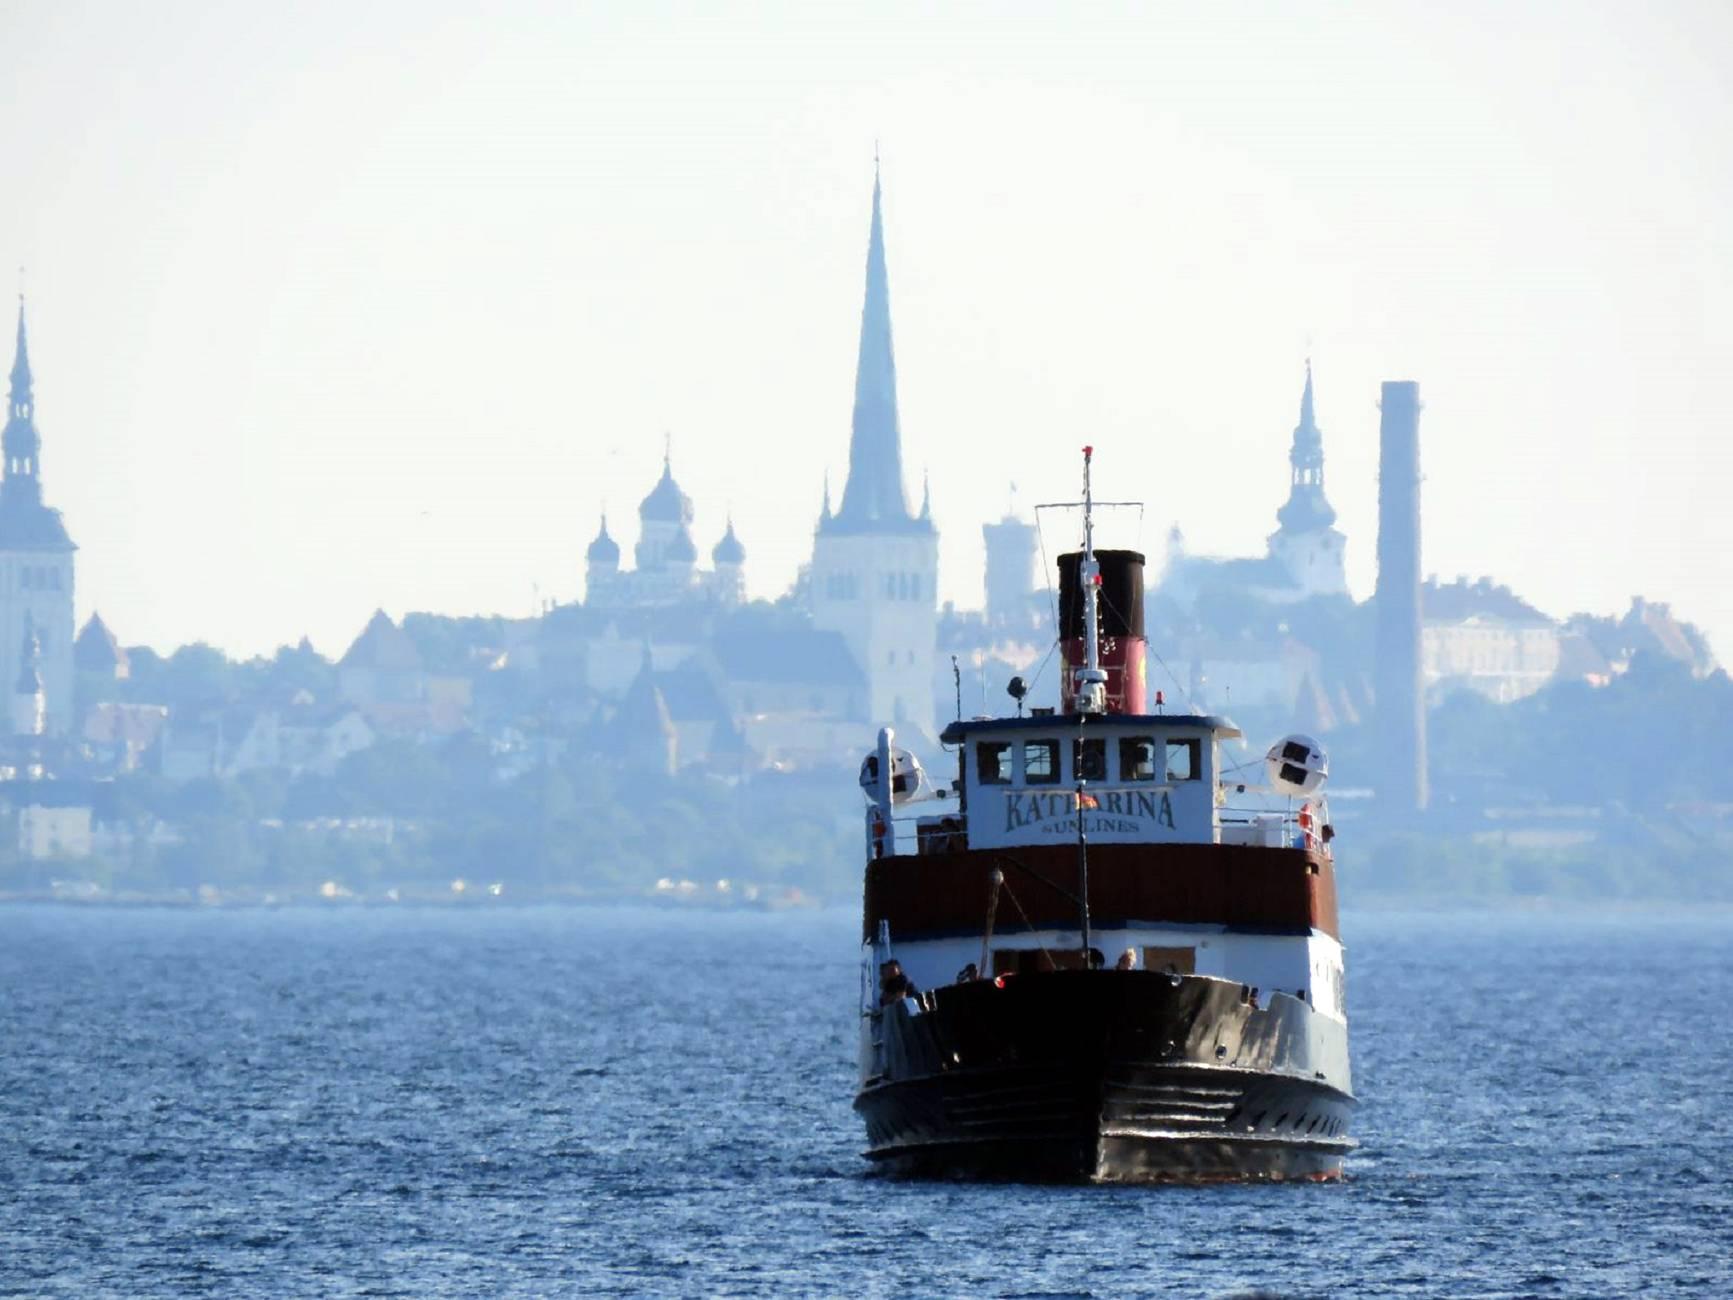 Sunlines Tallinn Bay Sightseeing Cruise